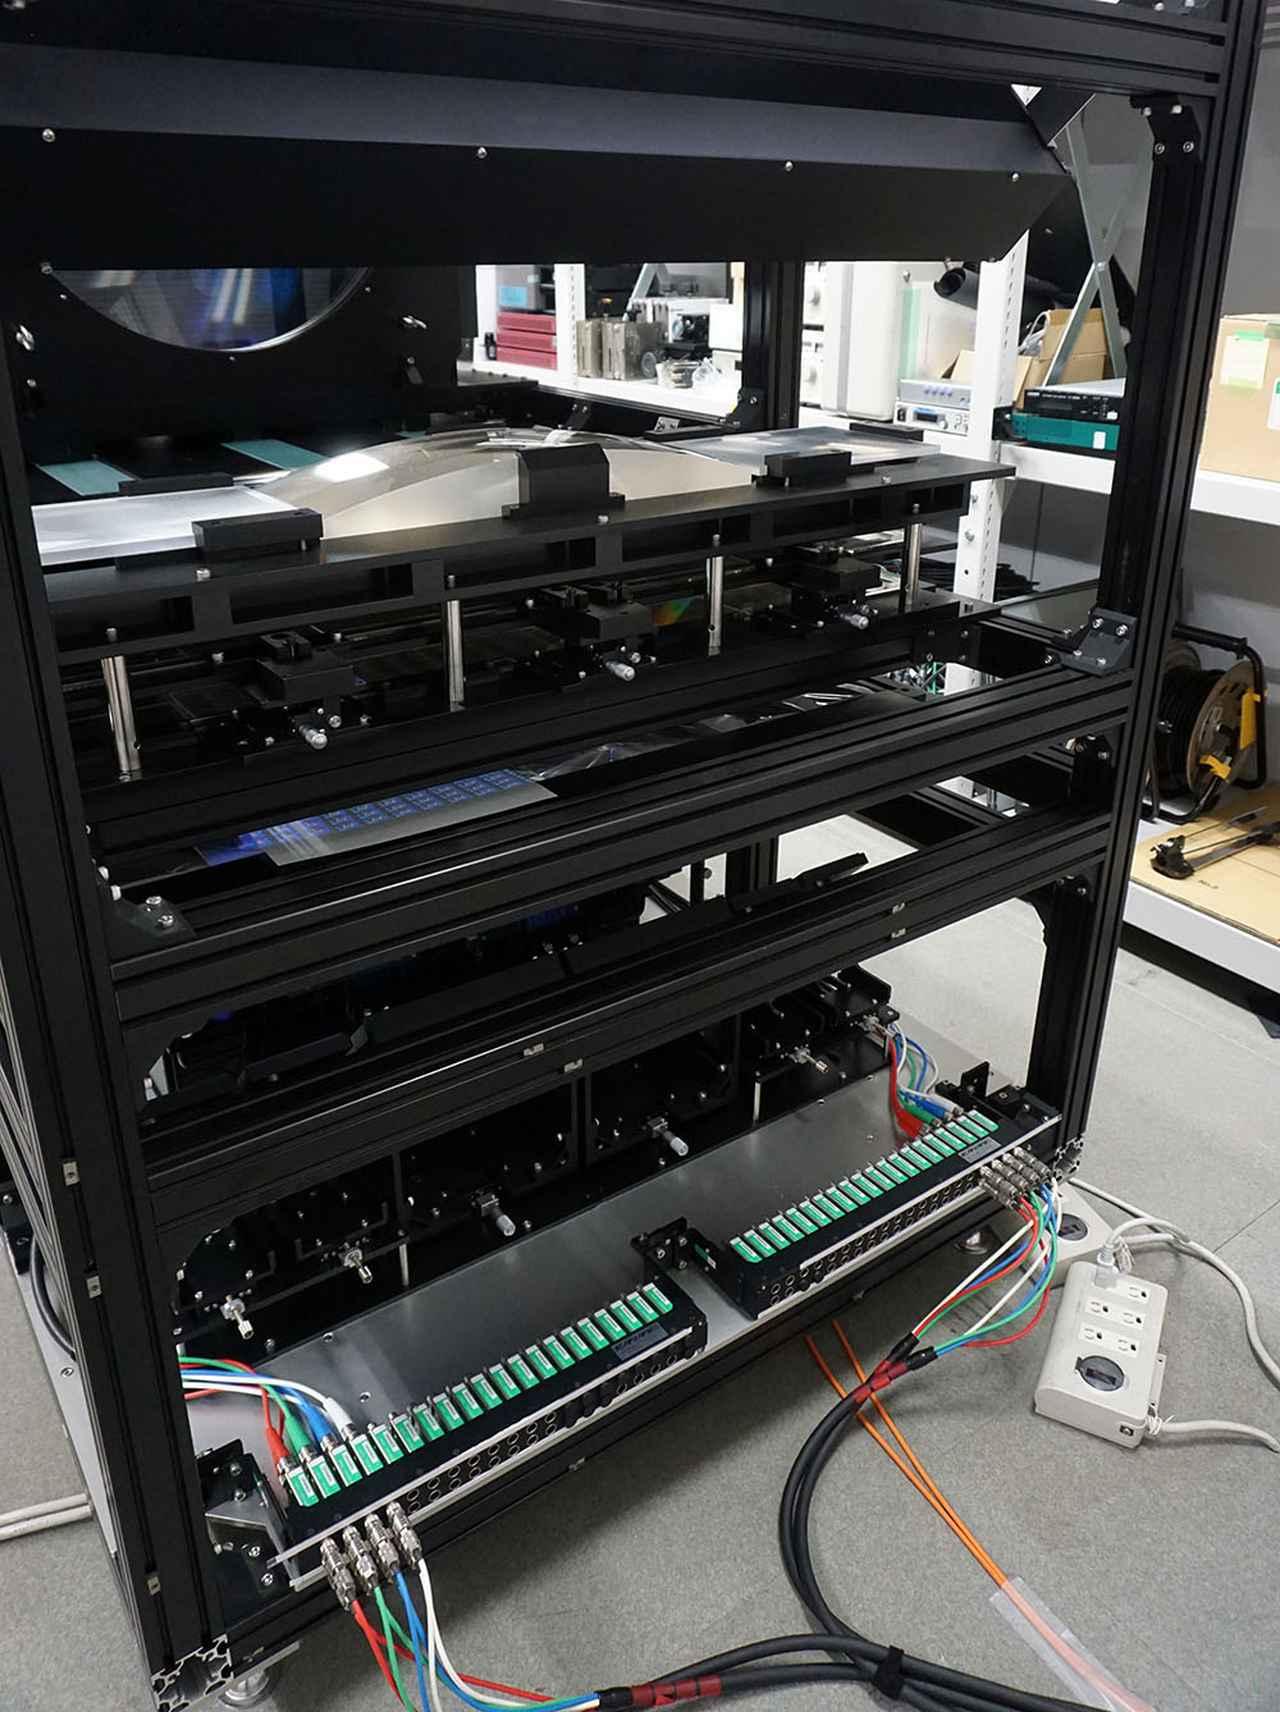 画像: アクティナビジョンディスプレイの背面。写真下部にプロジェクターが内蔵されており、ここで投写した映像をプリズムとレンズを使って重畳し、本体前方のスクリーンに背面投写する仕組だ